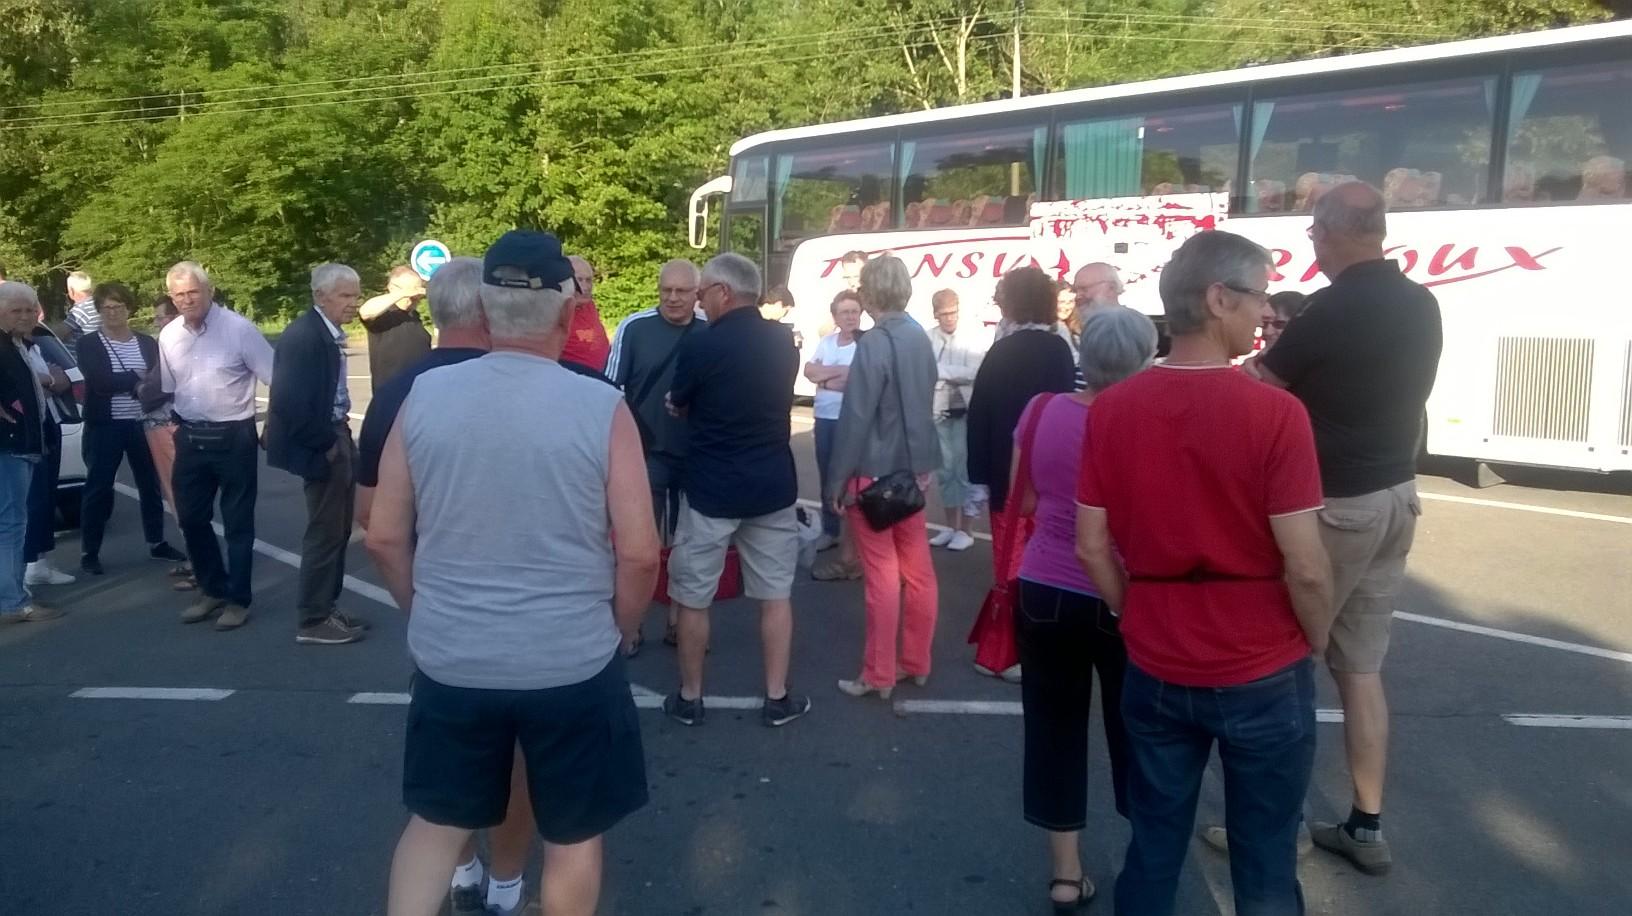 Voyage 2017 depart bus n 6